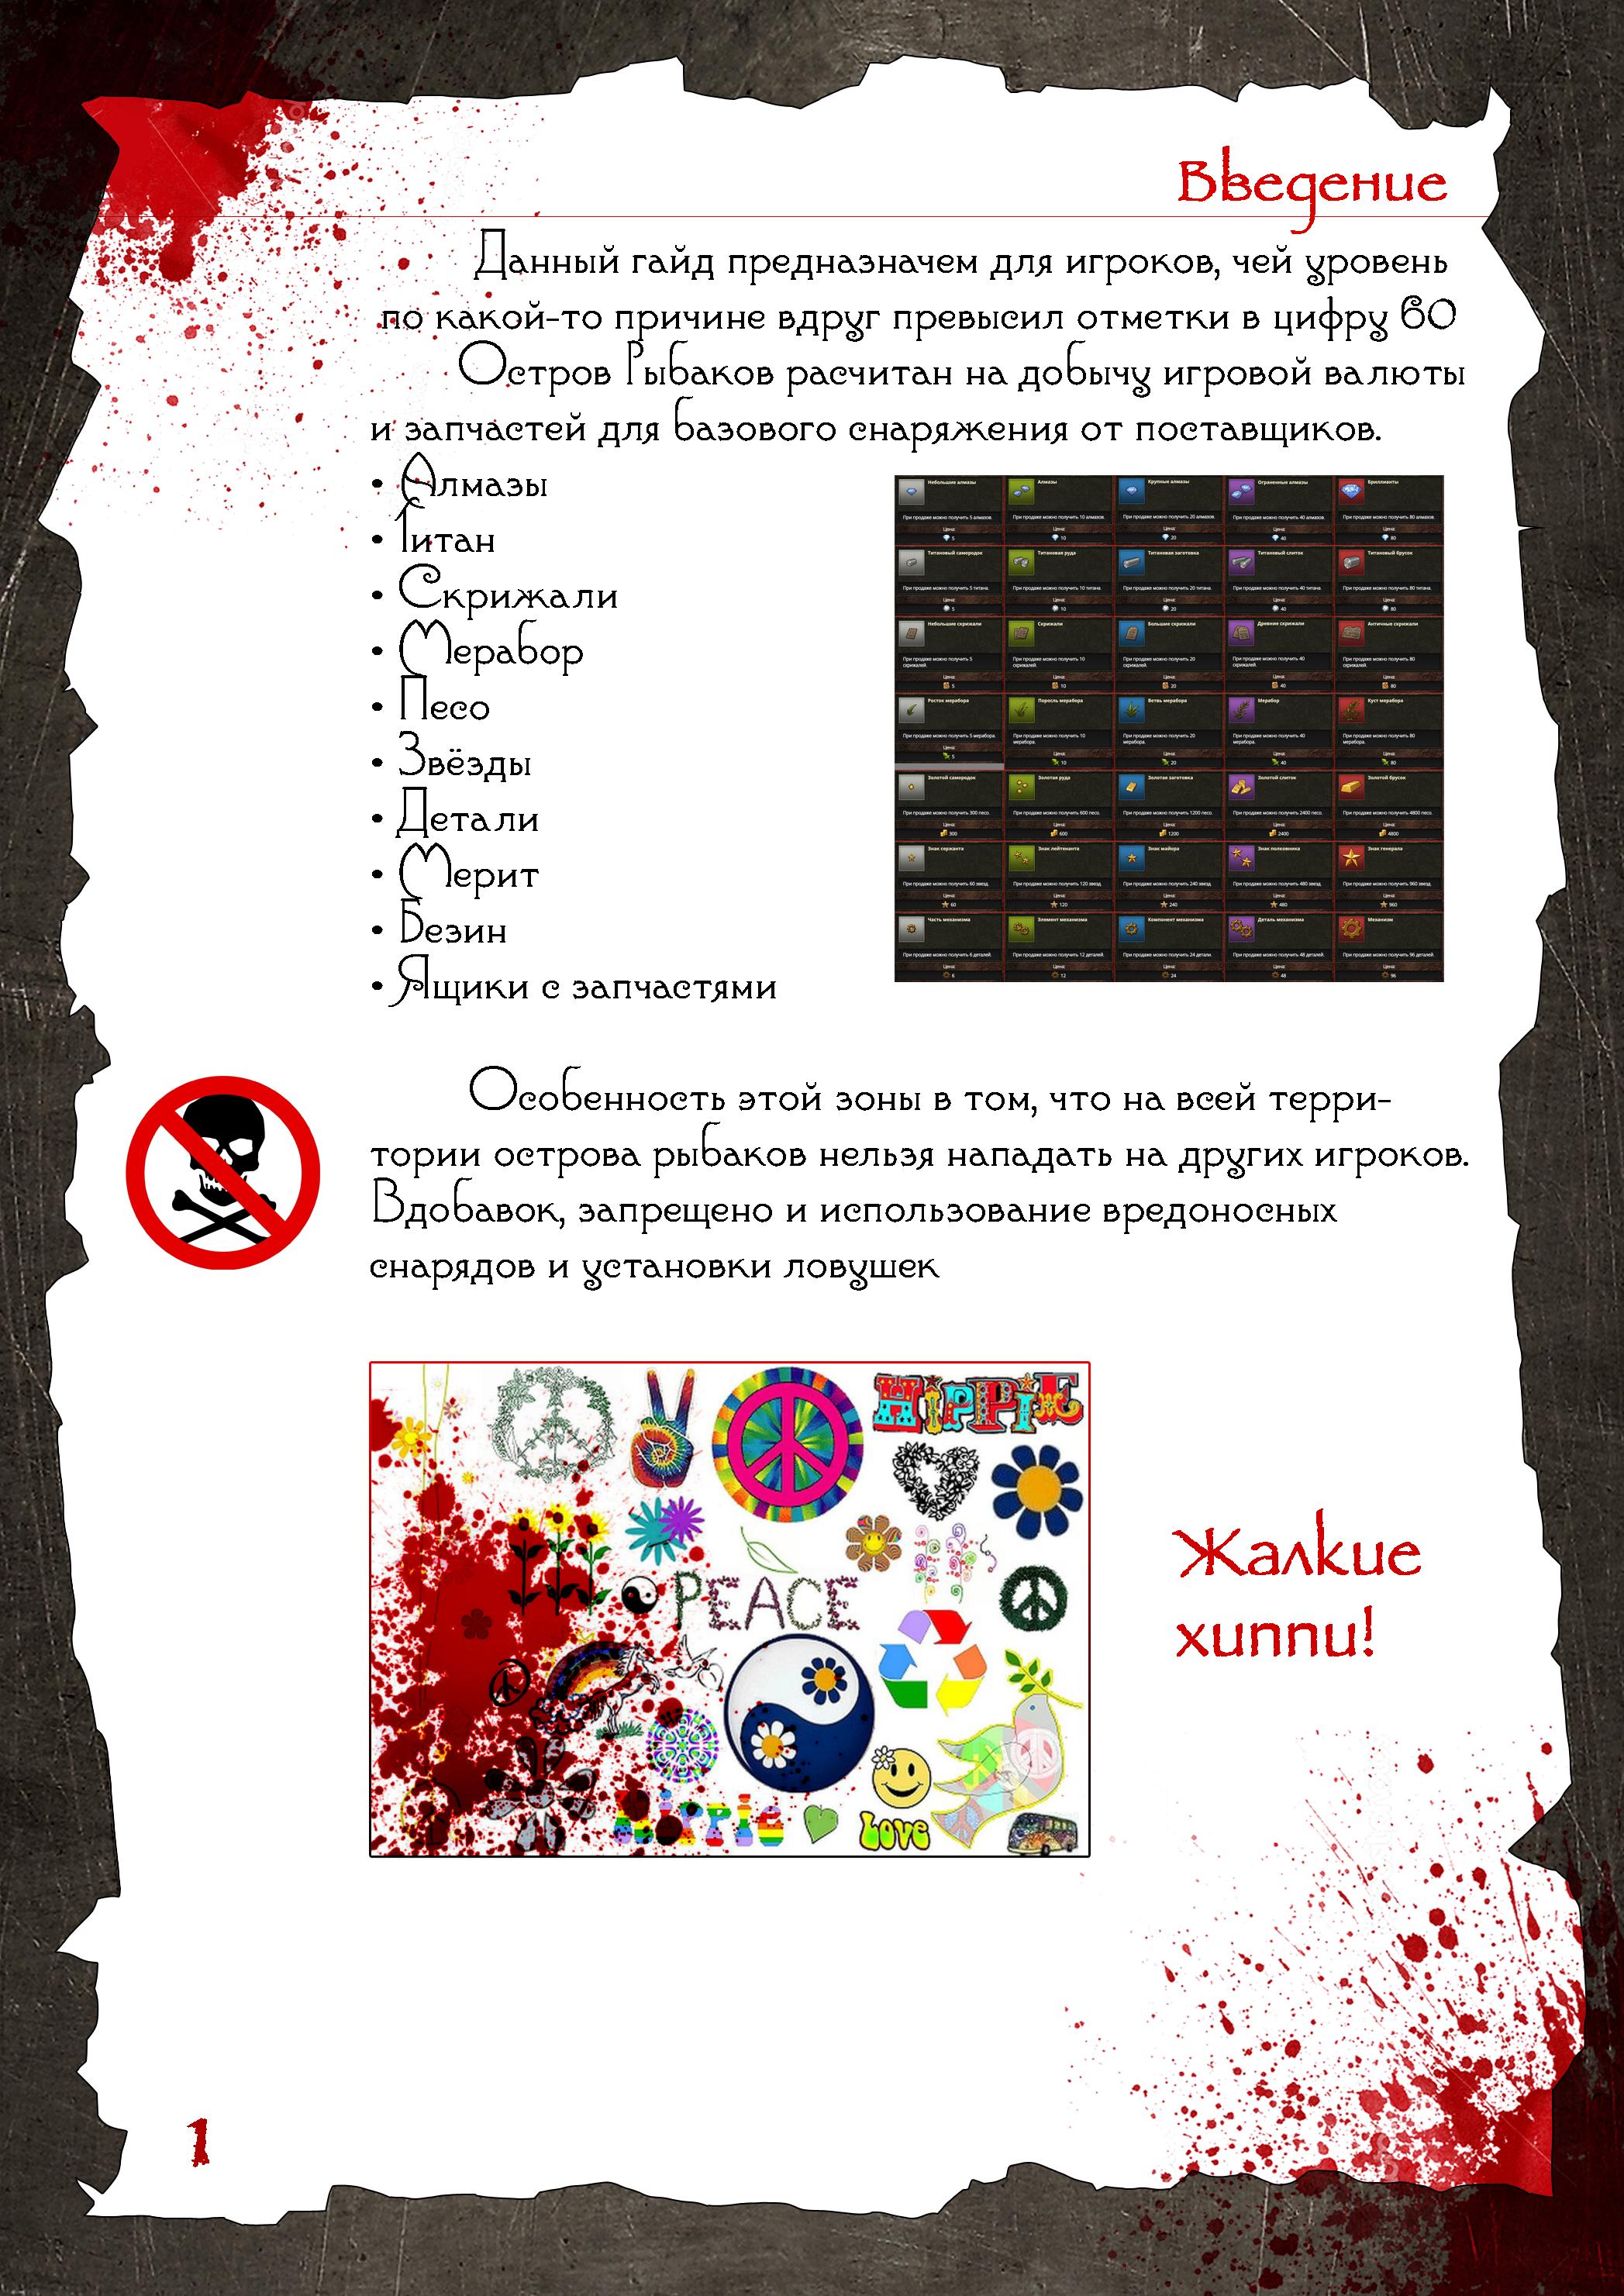 Онлайн игры Хаддан. Бесплатные online игры онлайн - MMORPG.